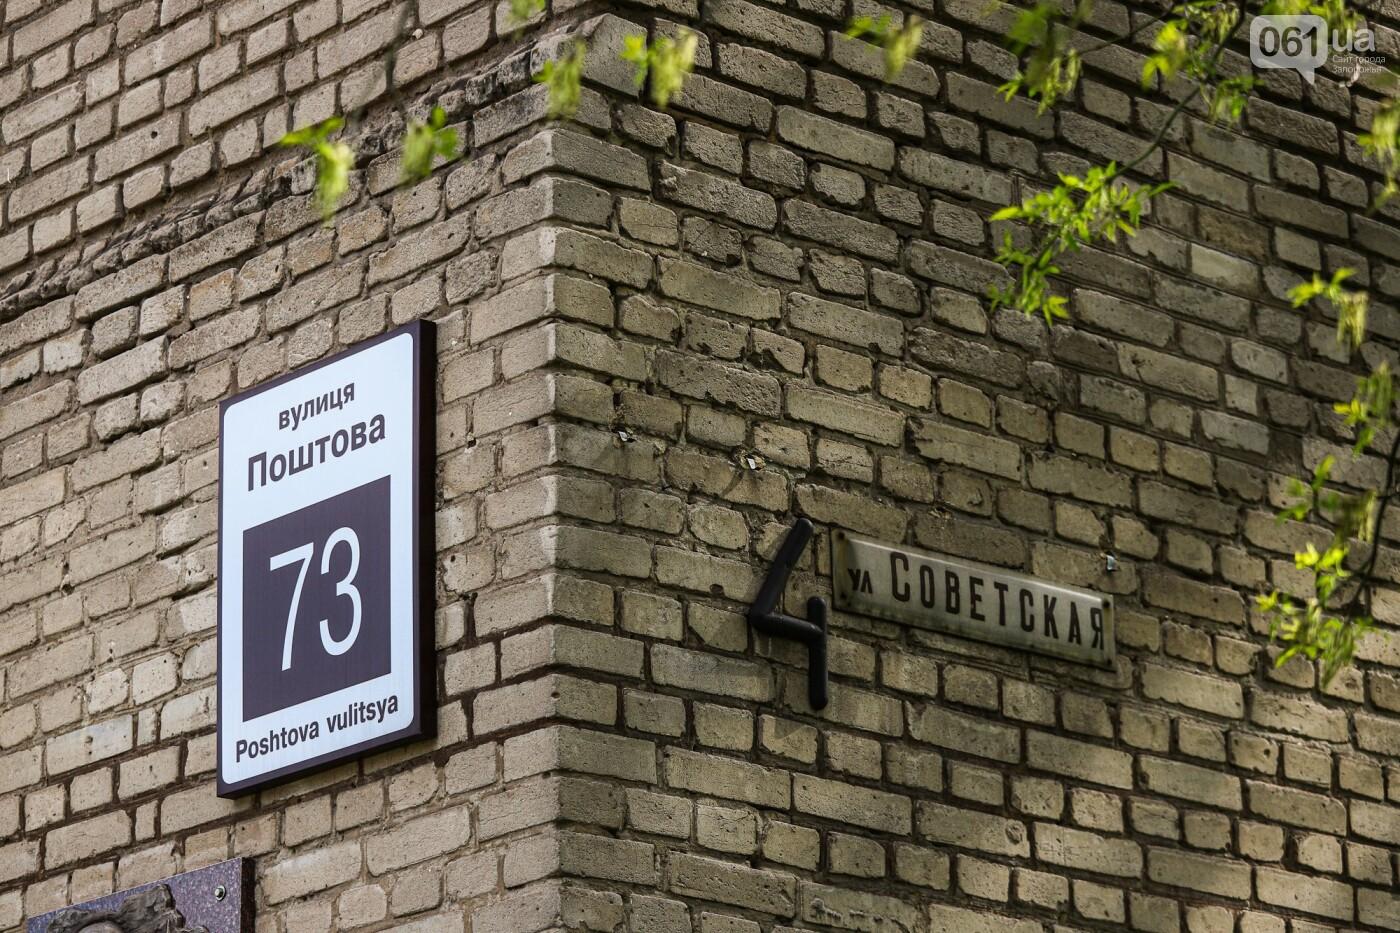 Памятники Старого Александровска: как сейчас выглядит здание первой в городе электростанции, - ФОТО, фото-20